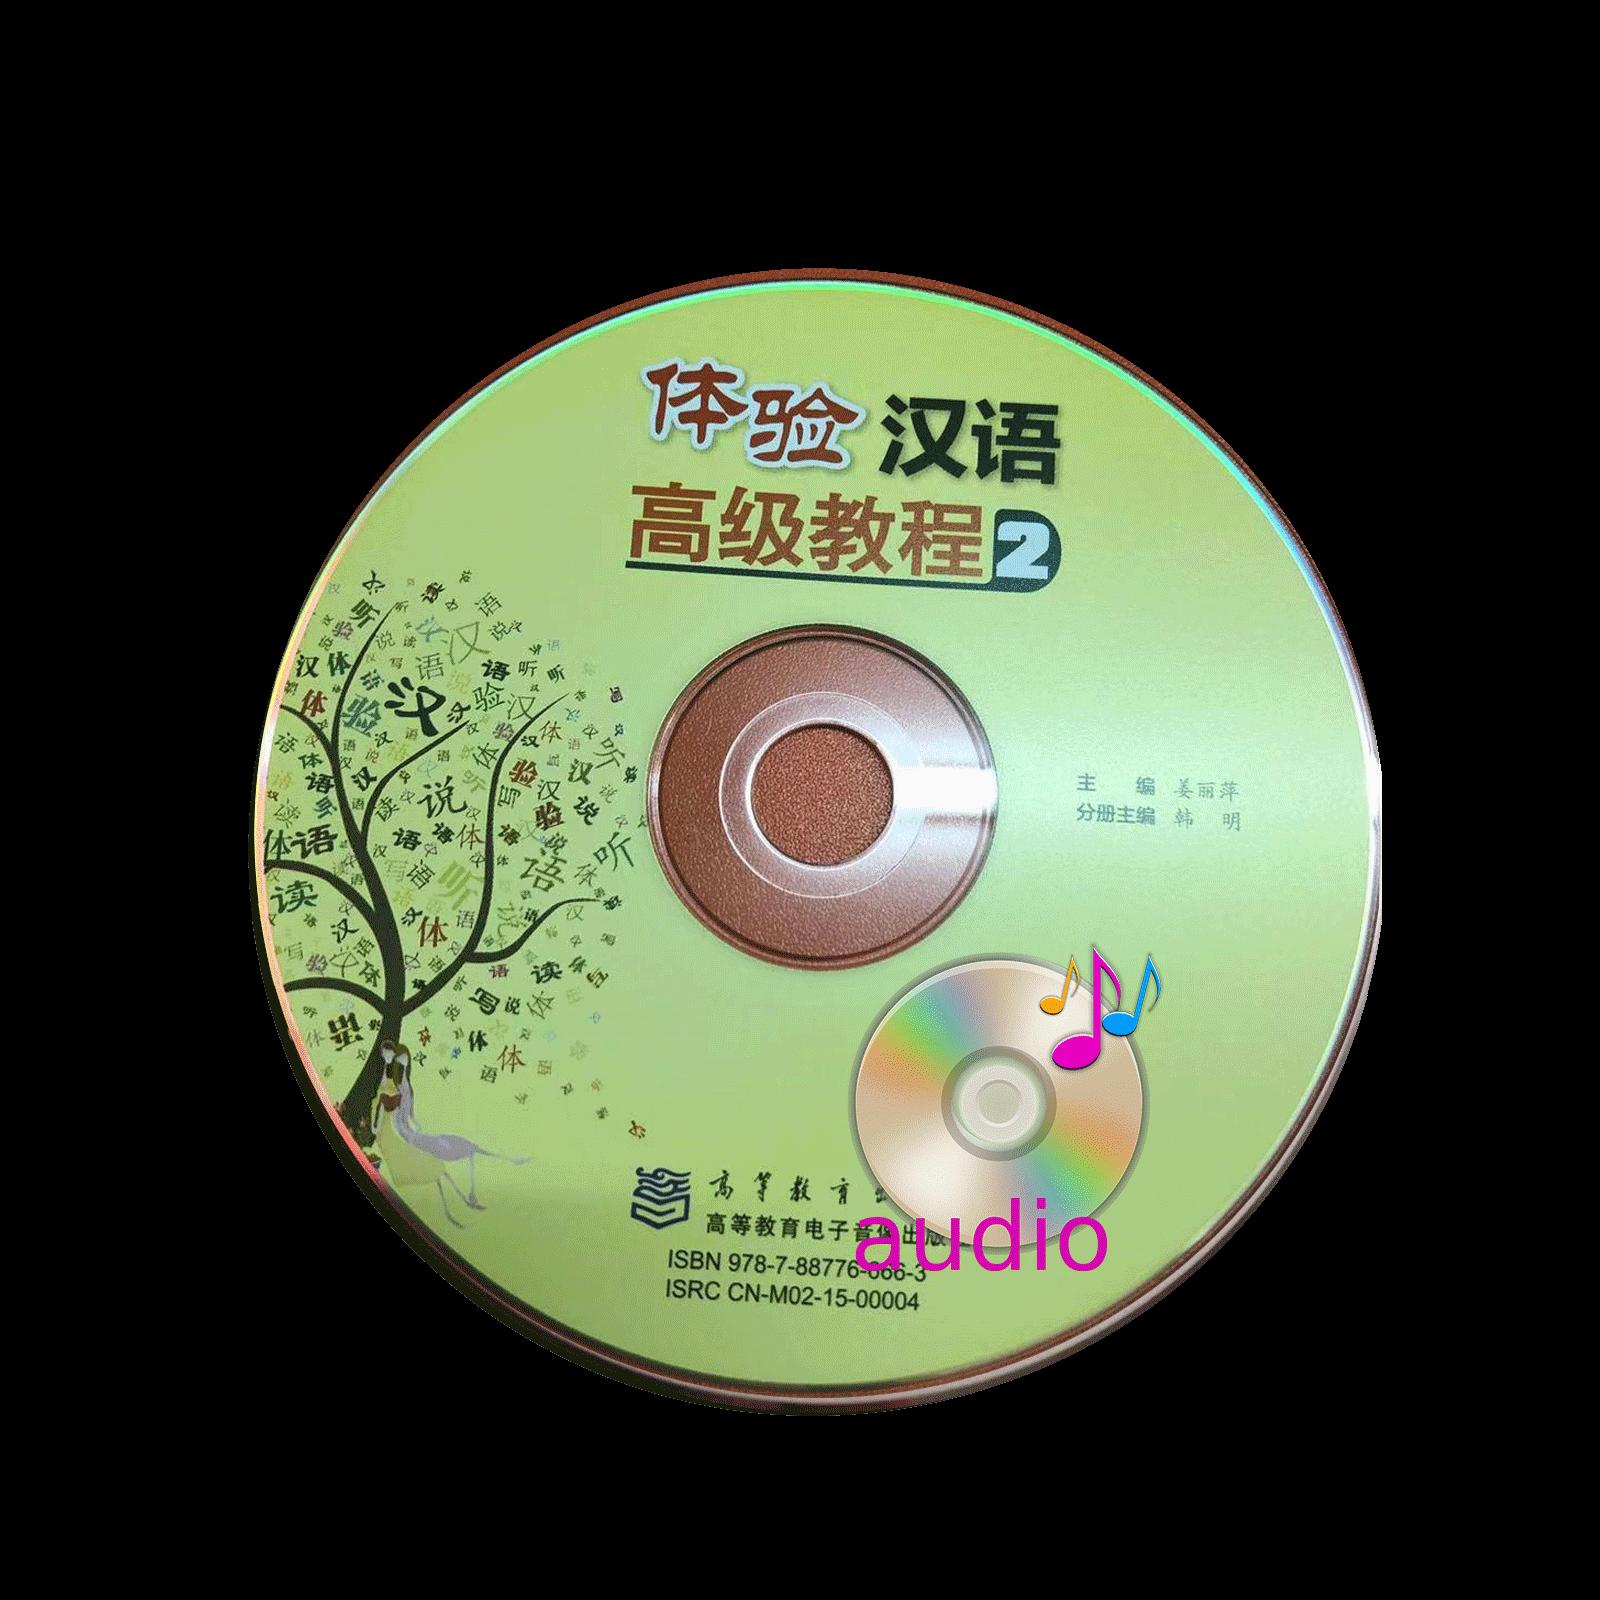 Tiyan Hanyu Gaoji Jiaocheng 2 Audio